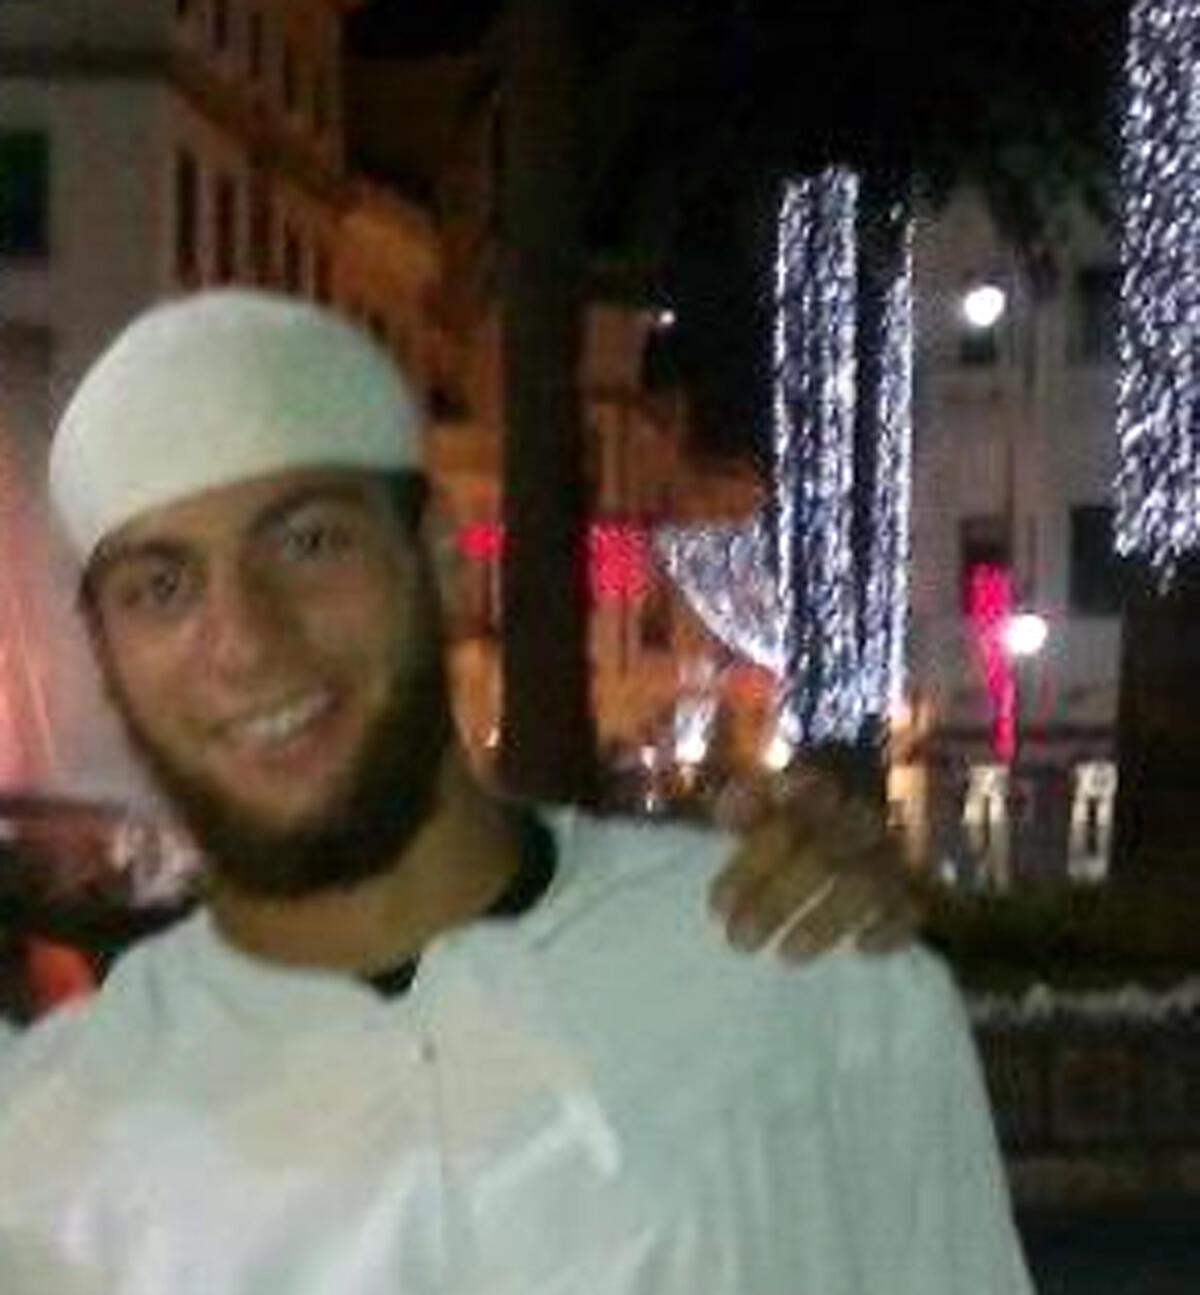 Ayoub el-Khazzani, nghi phạm chính vụ tấn cong không thành trên tàu Thalys, hôm 21/08/2015.